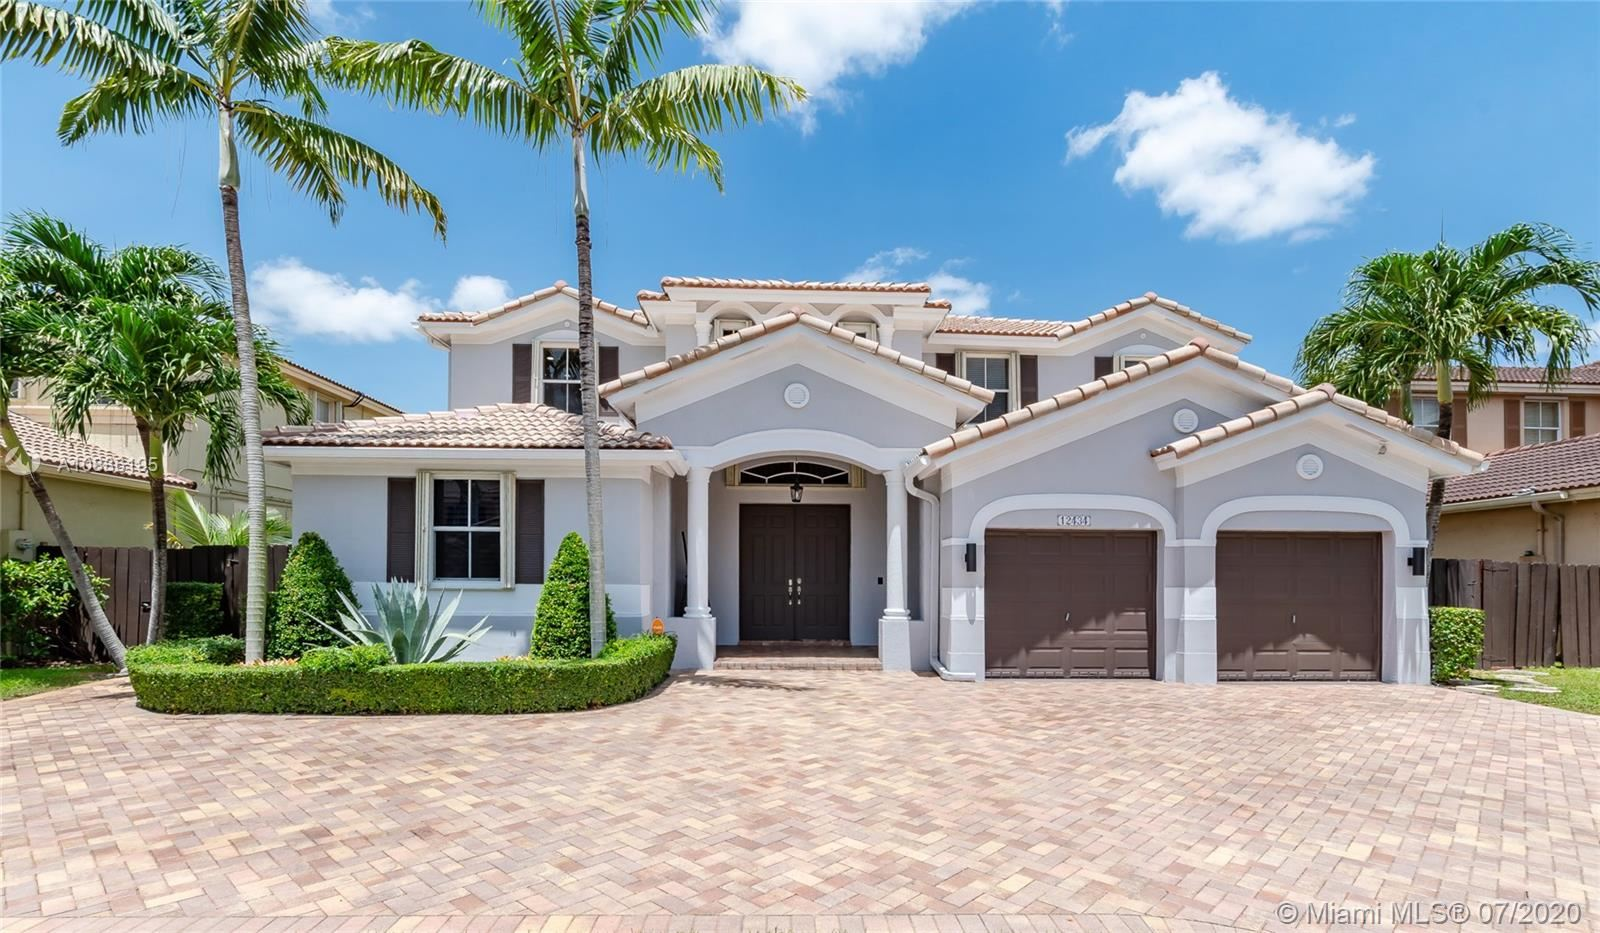 12434 SW 122nd Ct, Miami, FL 33186 - #: A10886195